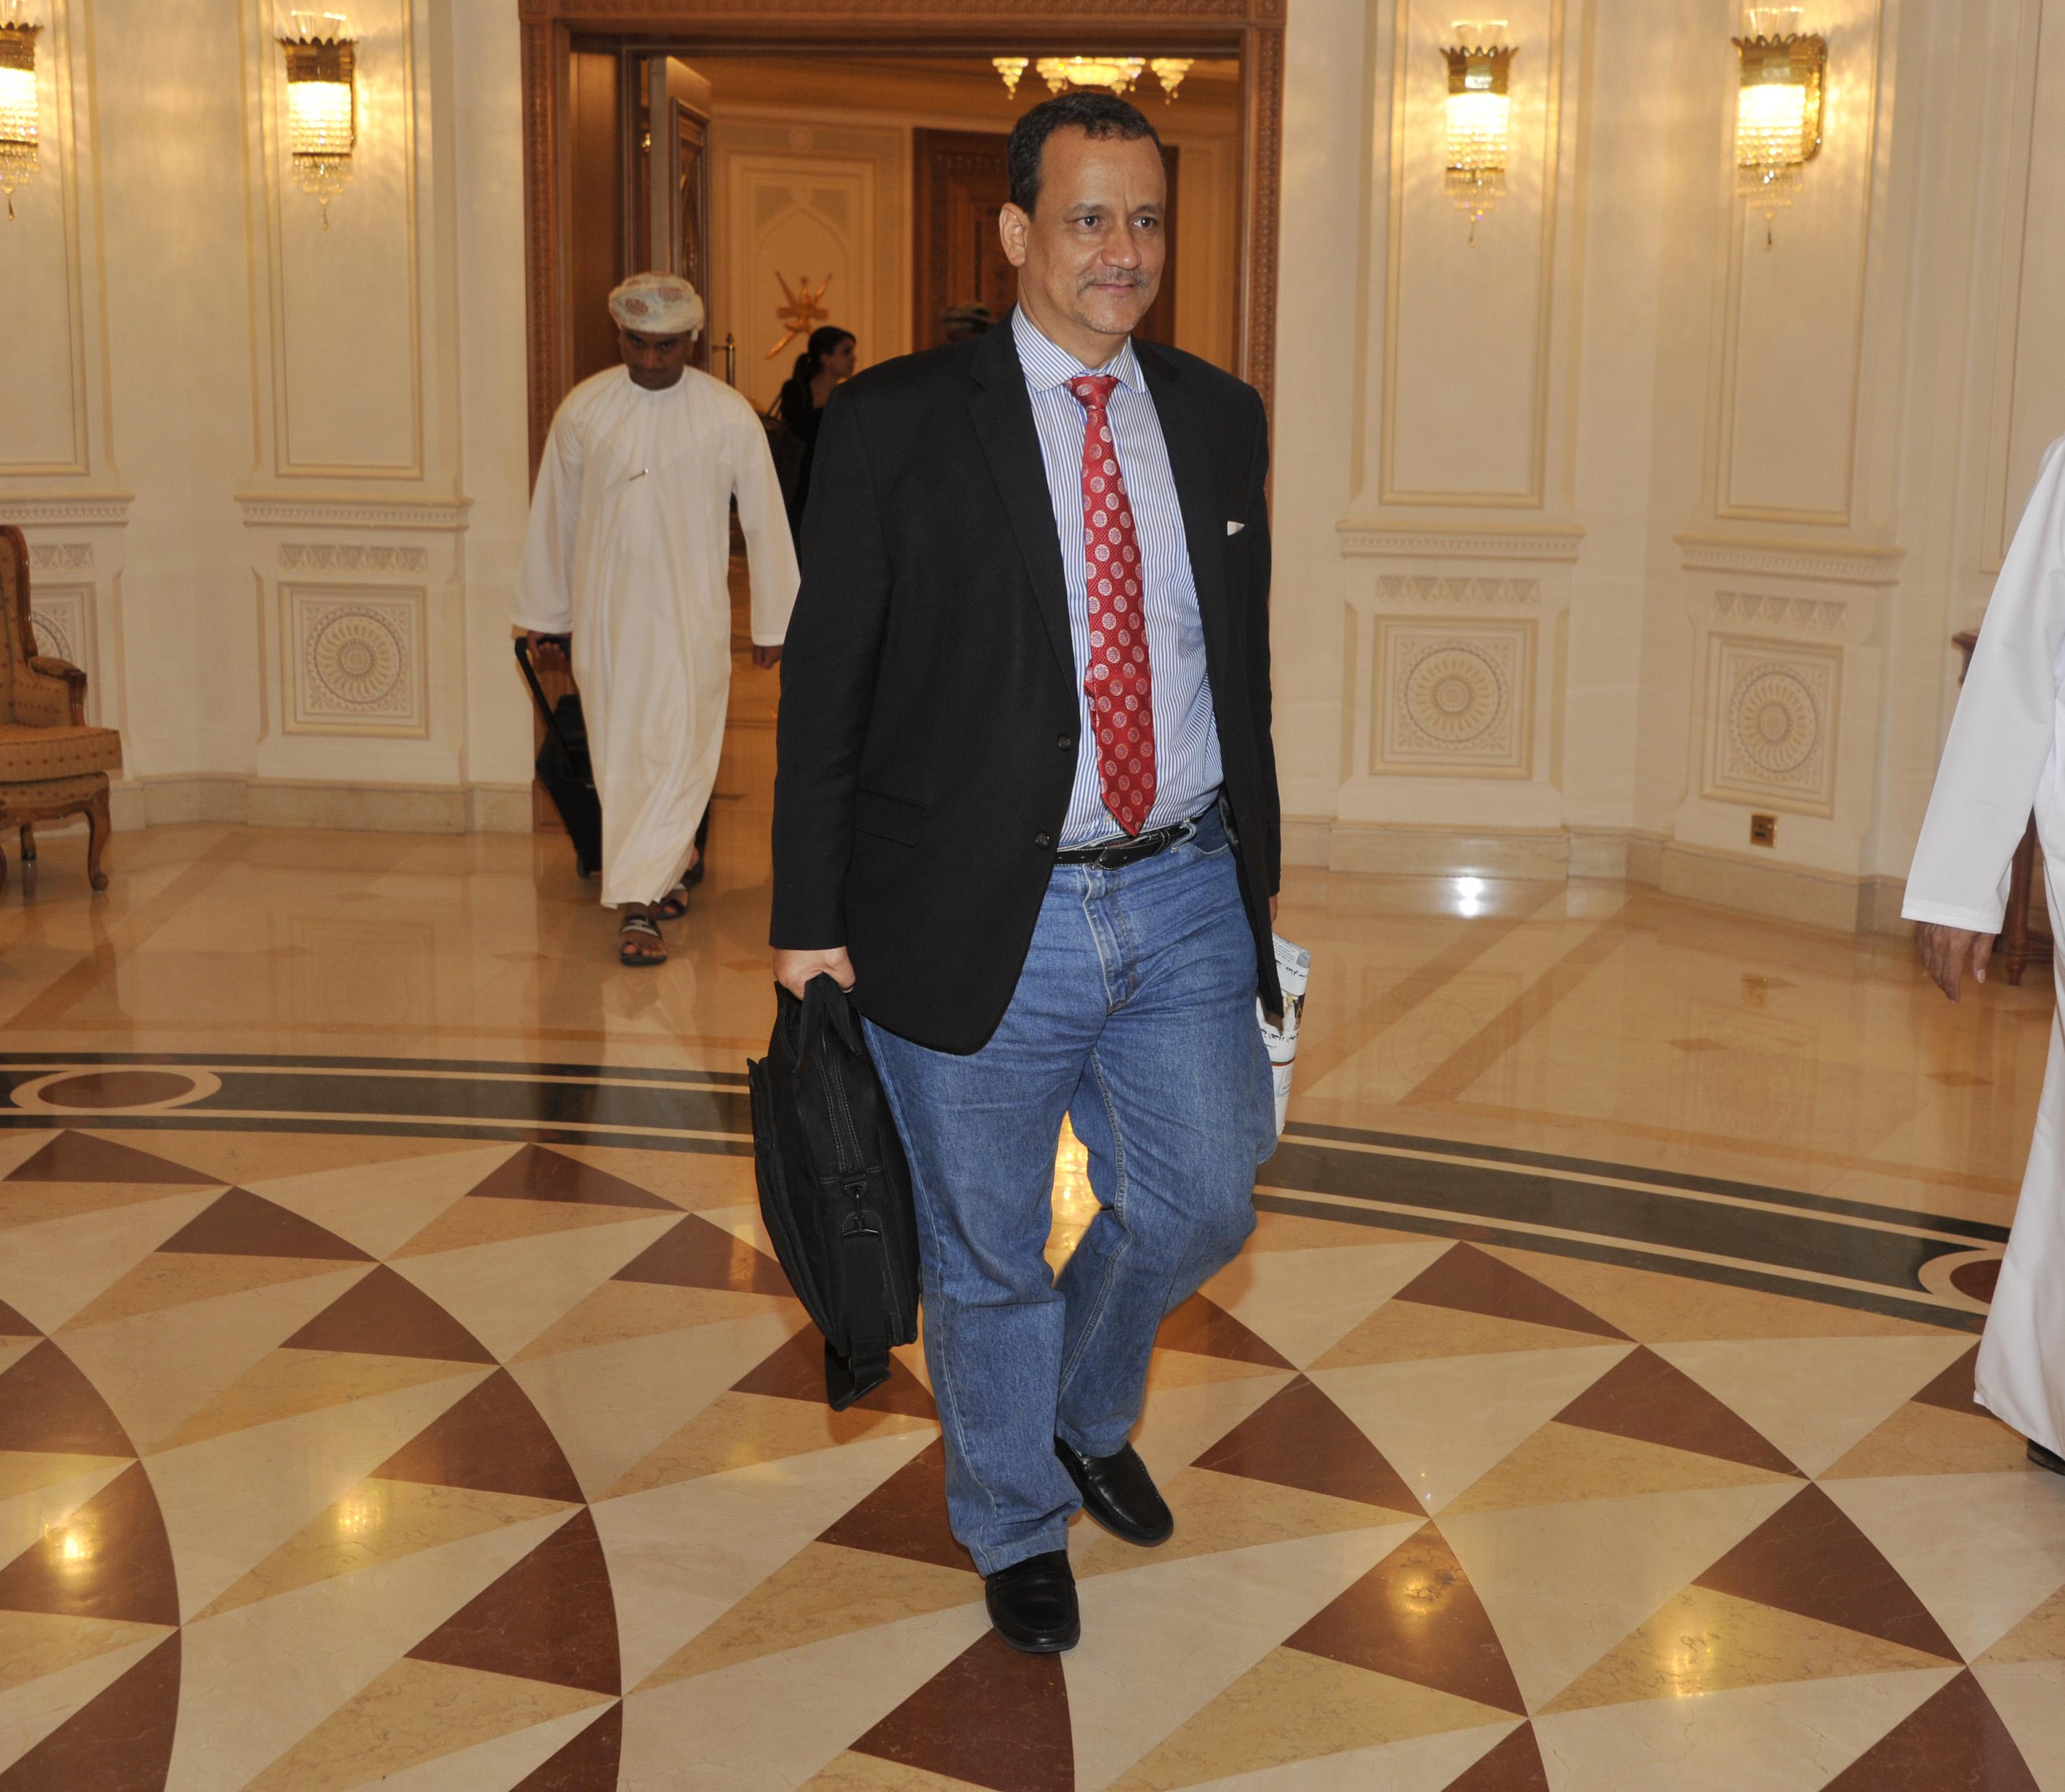 المبعوث الخاص للأمين العام للأمم المتحدة إلى اليمن يغادر السلطنة